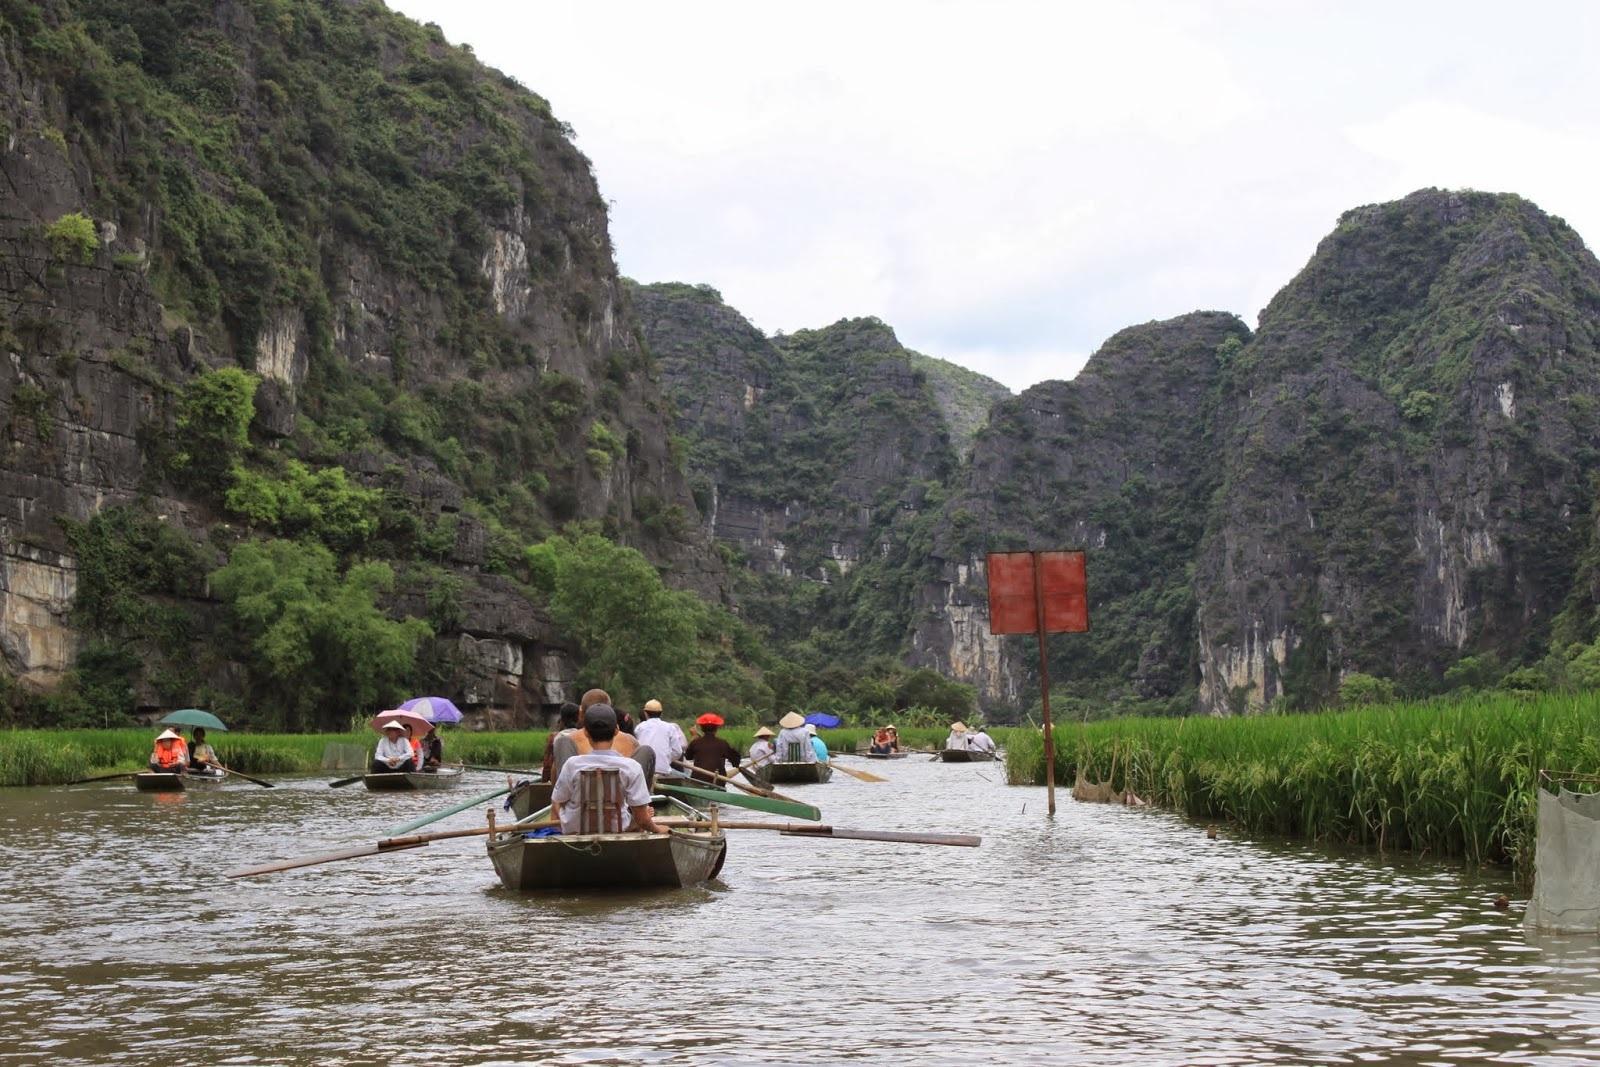 Du thuyền trên sông Ngô Đồng (Ảnh Lense Moments)